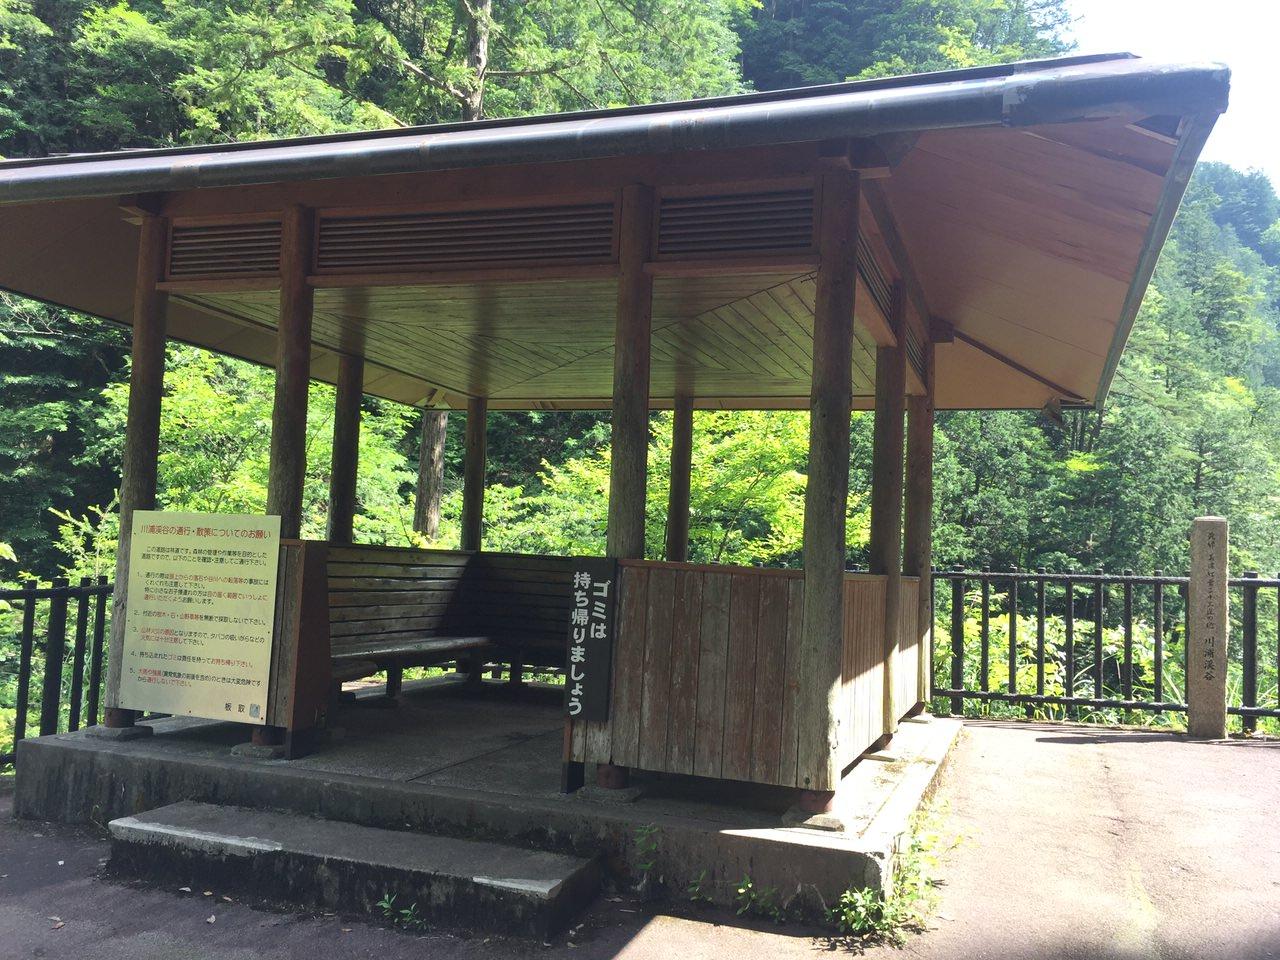 川浦渓谷の休憩所